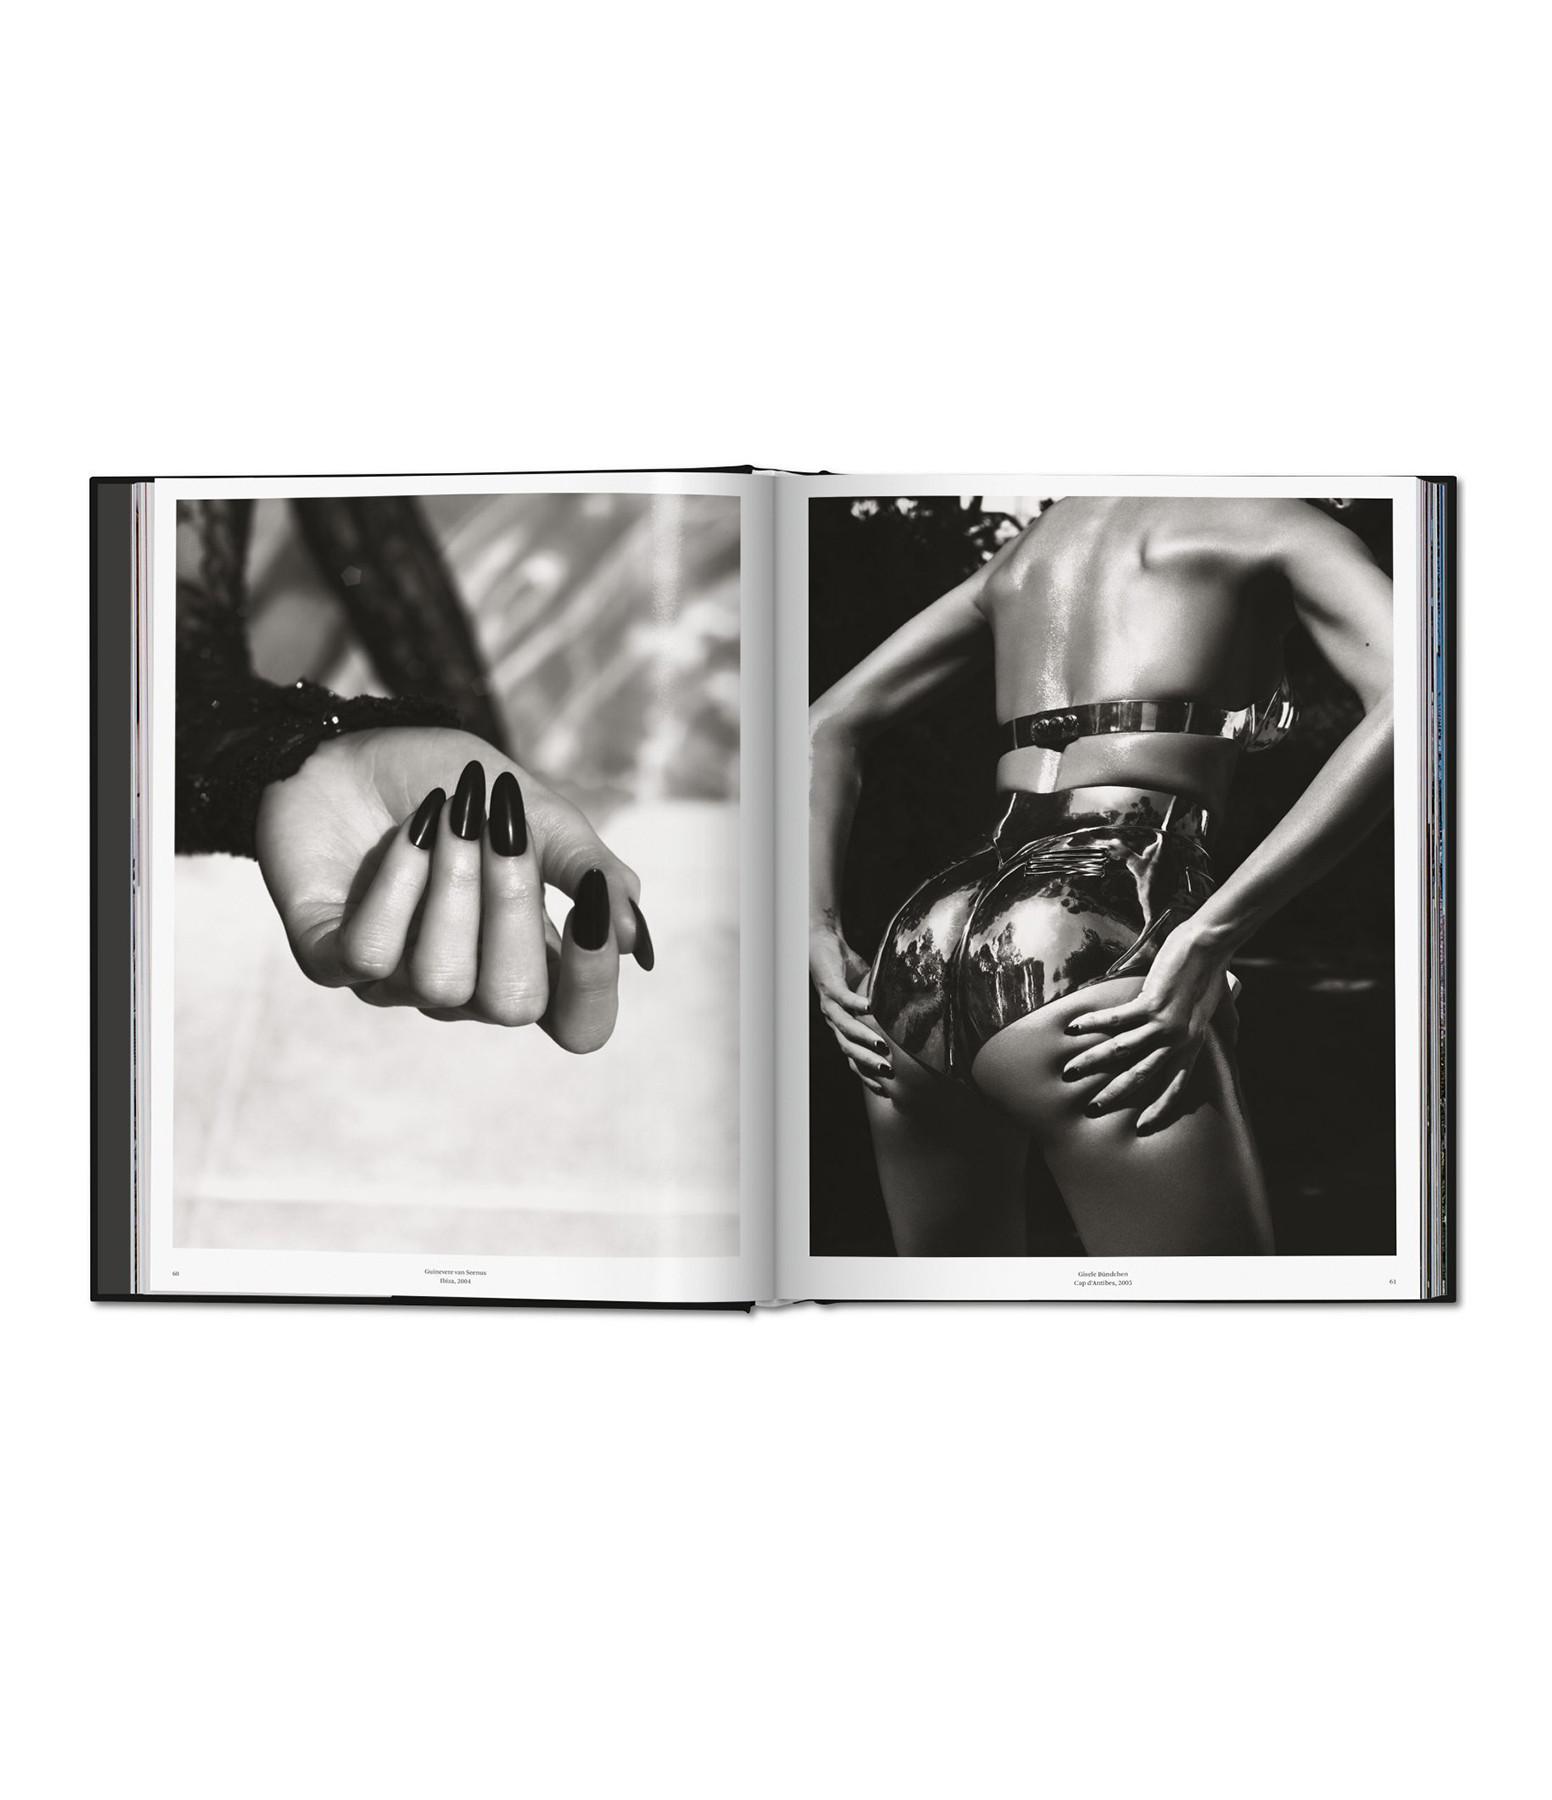 TASCHEN - Livre Mert Alas et Marcus Piggott